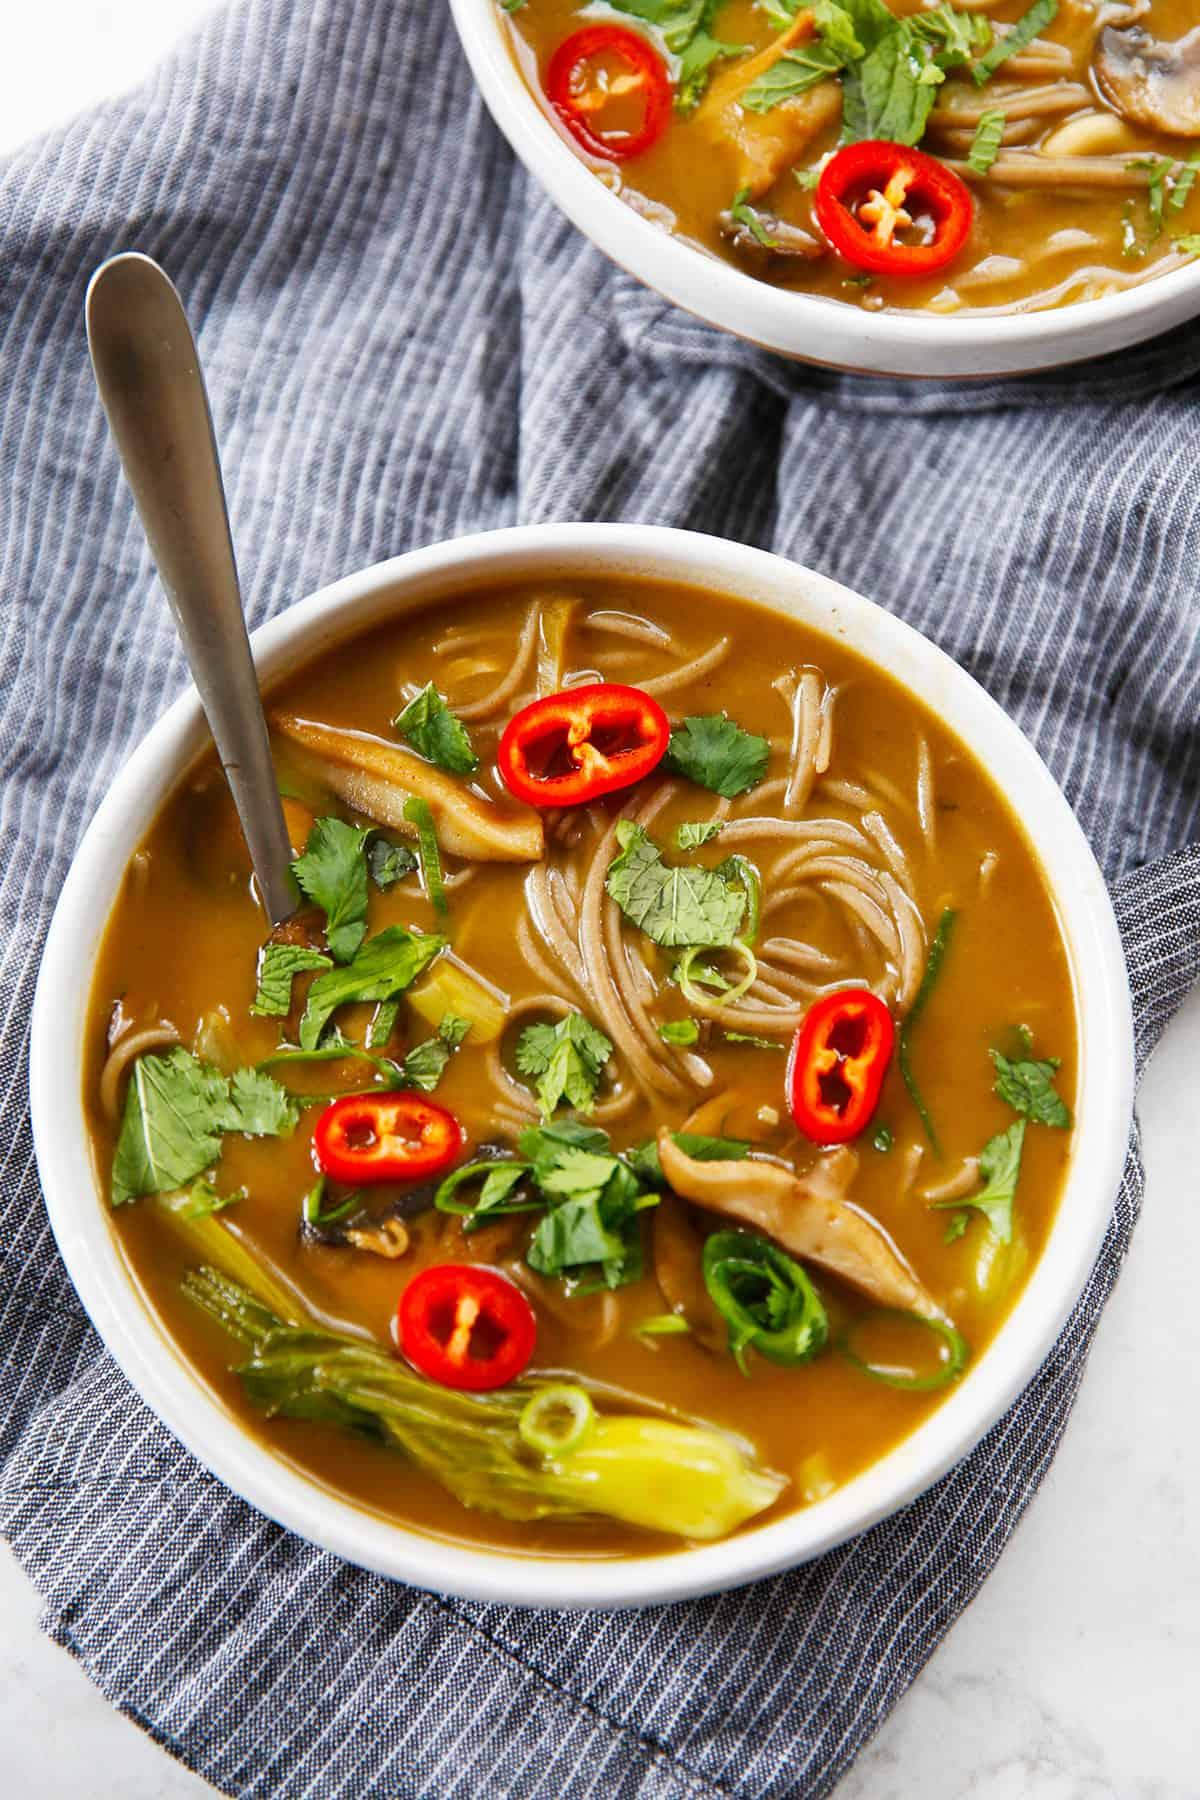 Vegan Spicy Noodle Soup